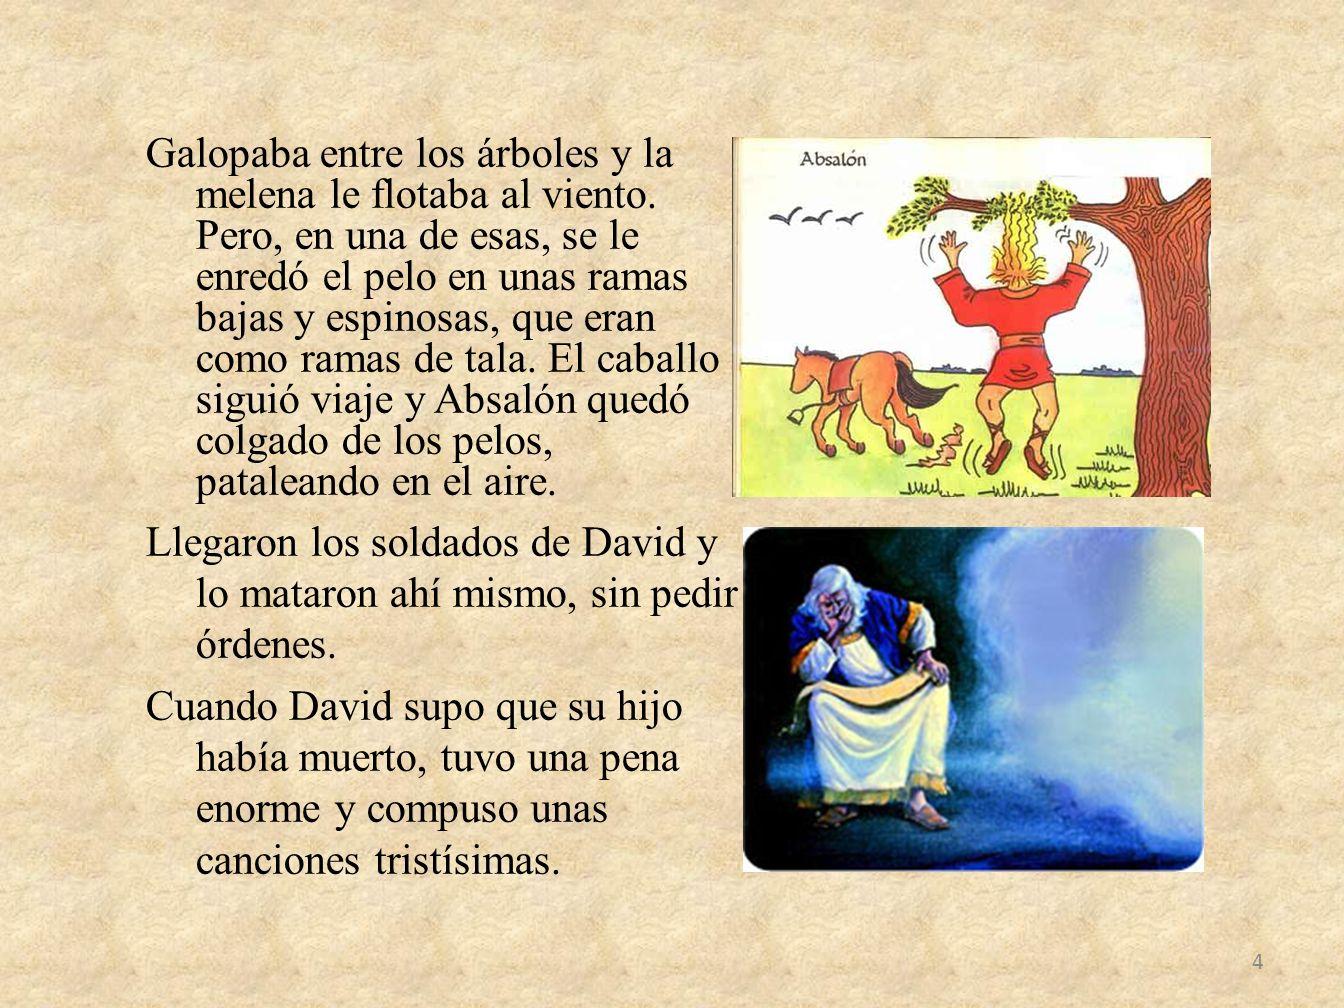 Ya entrado en años murió David y Salomón fue ungido rey.